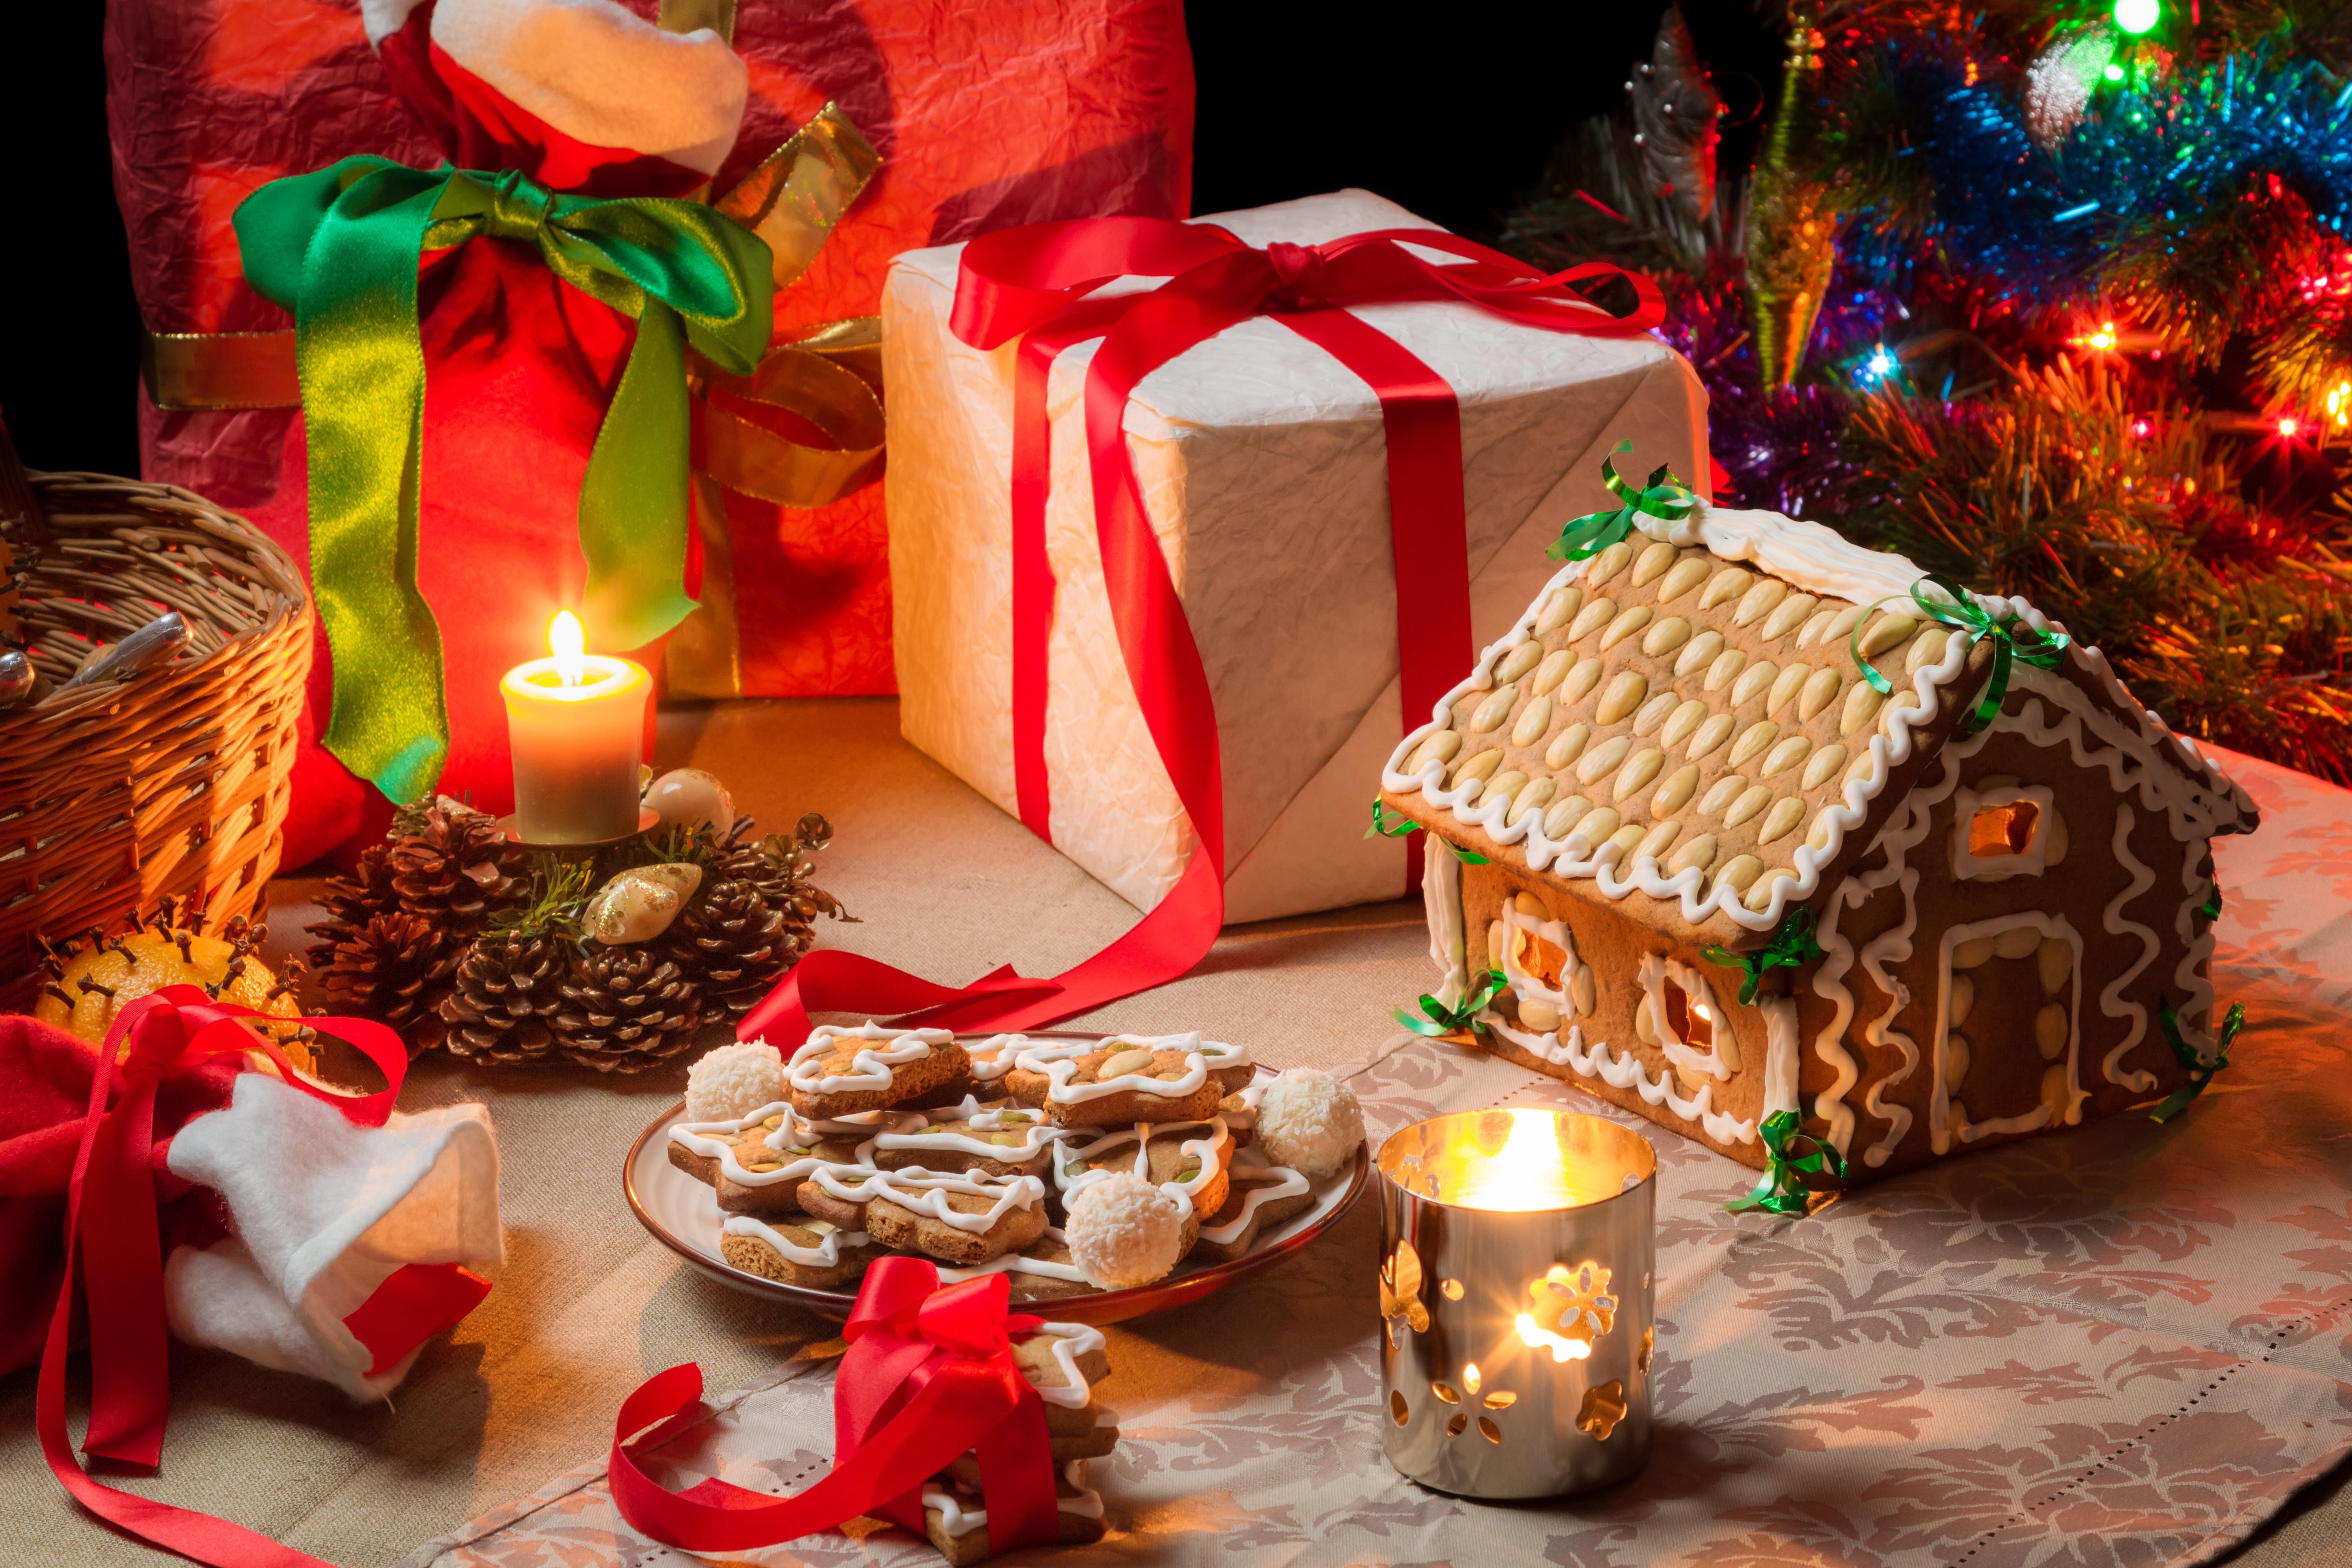 Hol decorat Crăciun